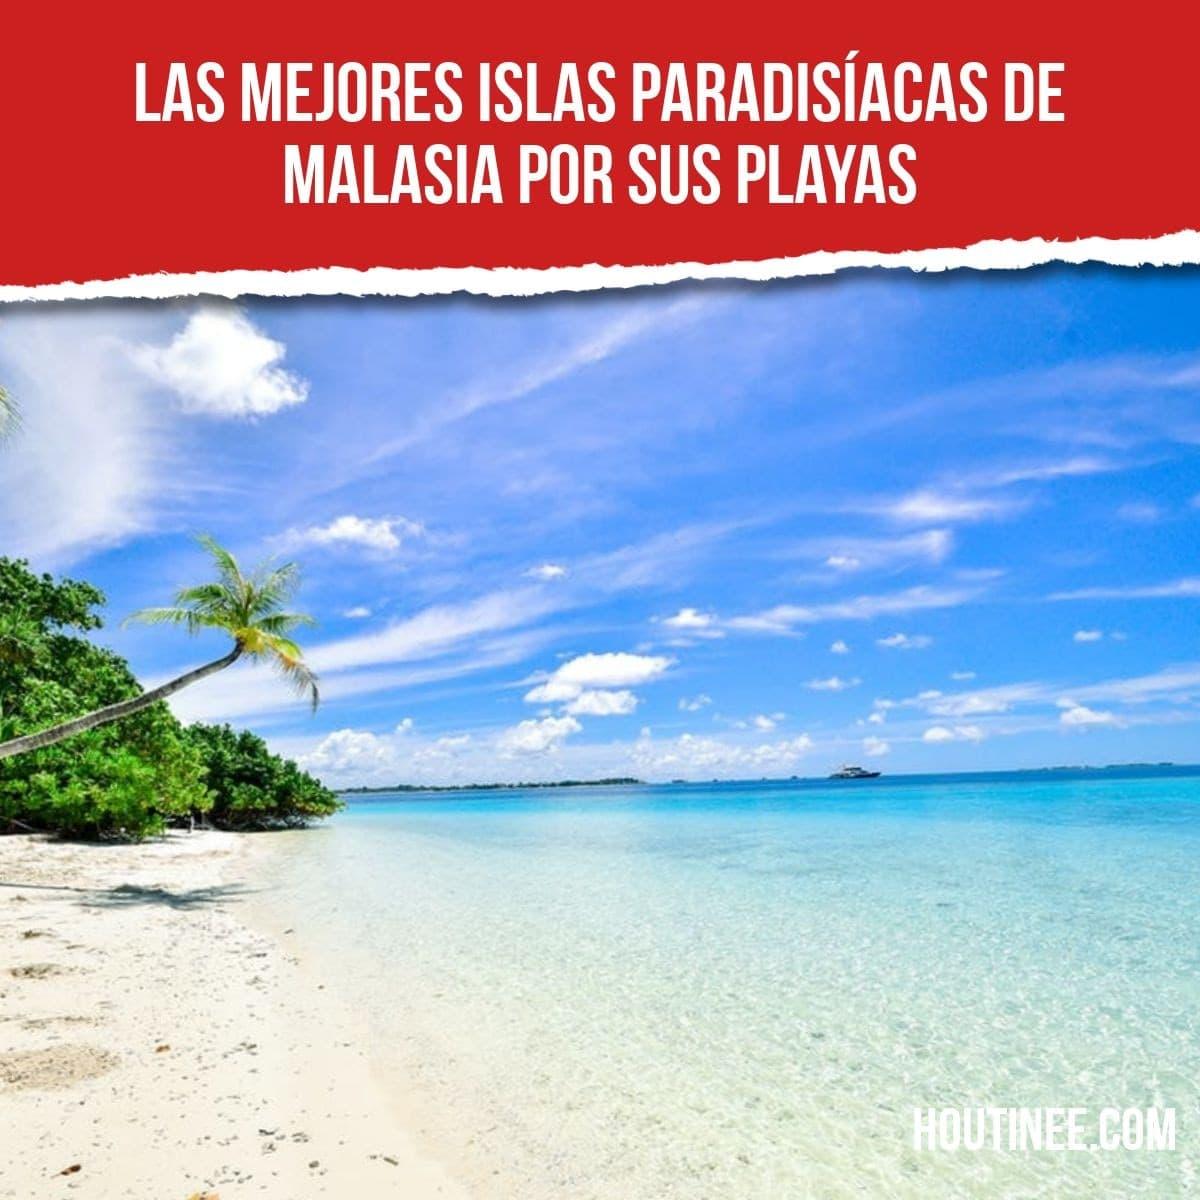 Las 8 mejores islas paradisíacas de Malasia por sus playas: islas exoticas con playas de arena y aguas cristalinas